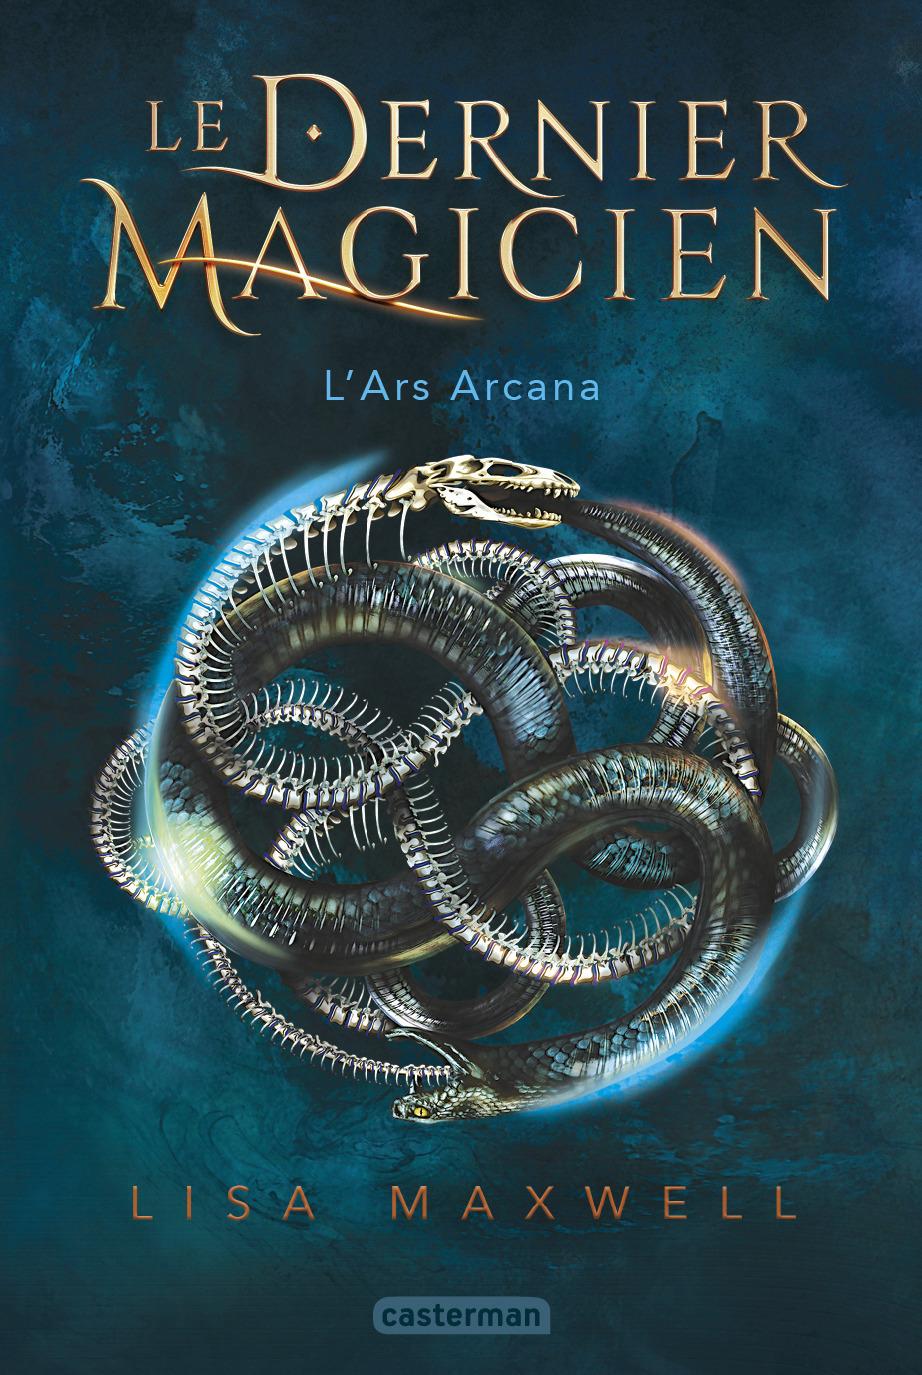 LE DERNIER MAGICIEN - T01 - L'ARS ARCANA